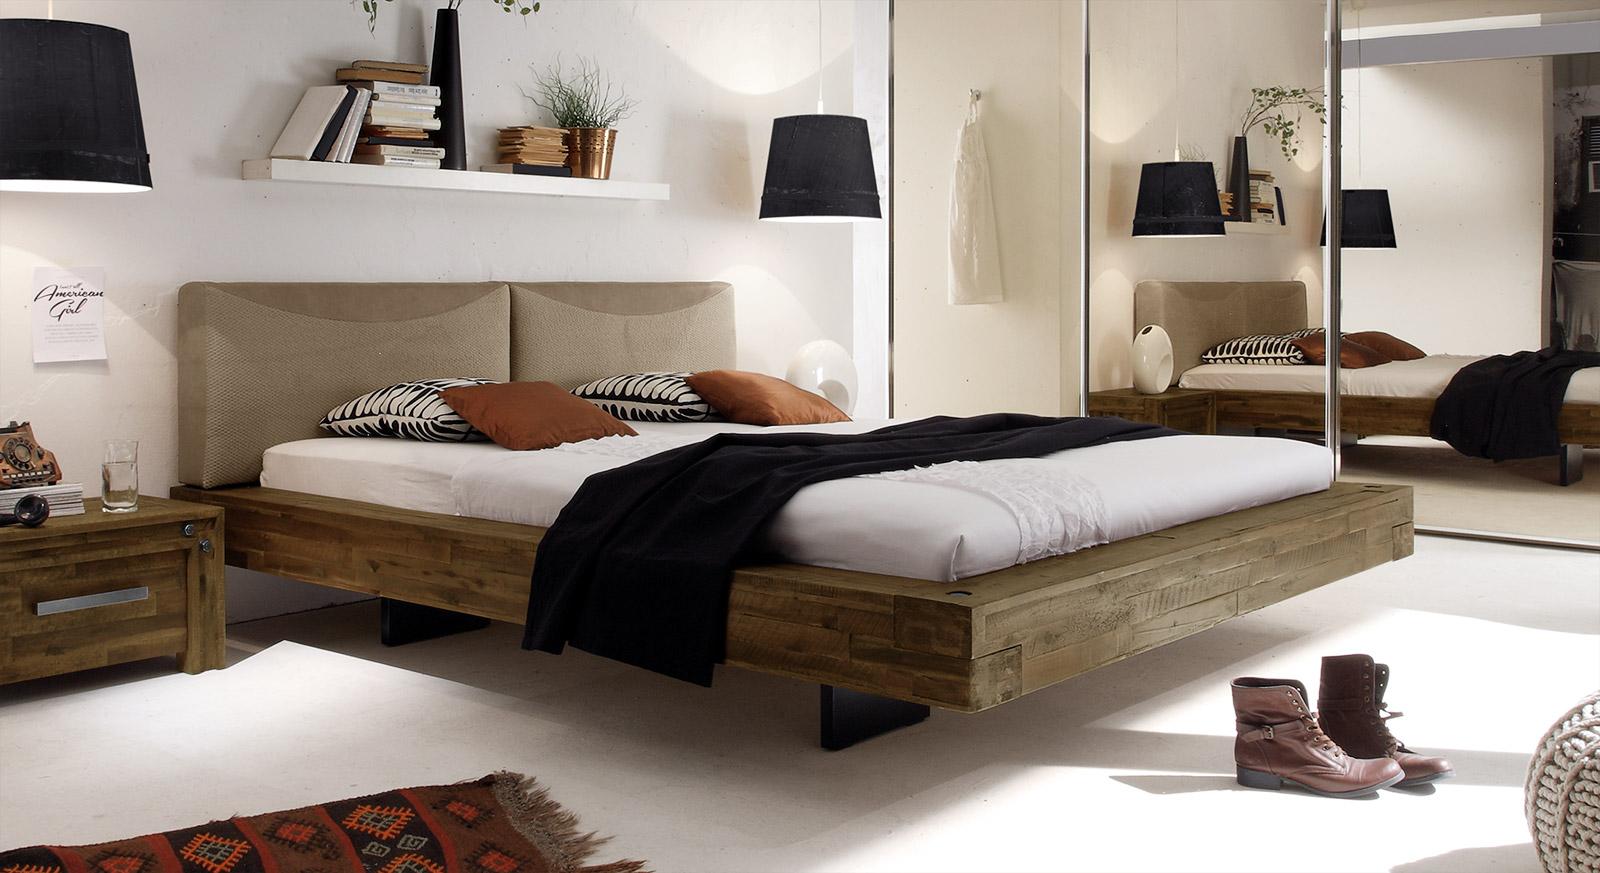 Wunderbar ... So Kommen Braune Schlafzimmermöbel In Weißen Oder Rosa Räumen Bestens  Zur Geltung Und Schaffen Einen Angenehmen Kontrast Zur Hellen Wandfarbe.